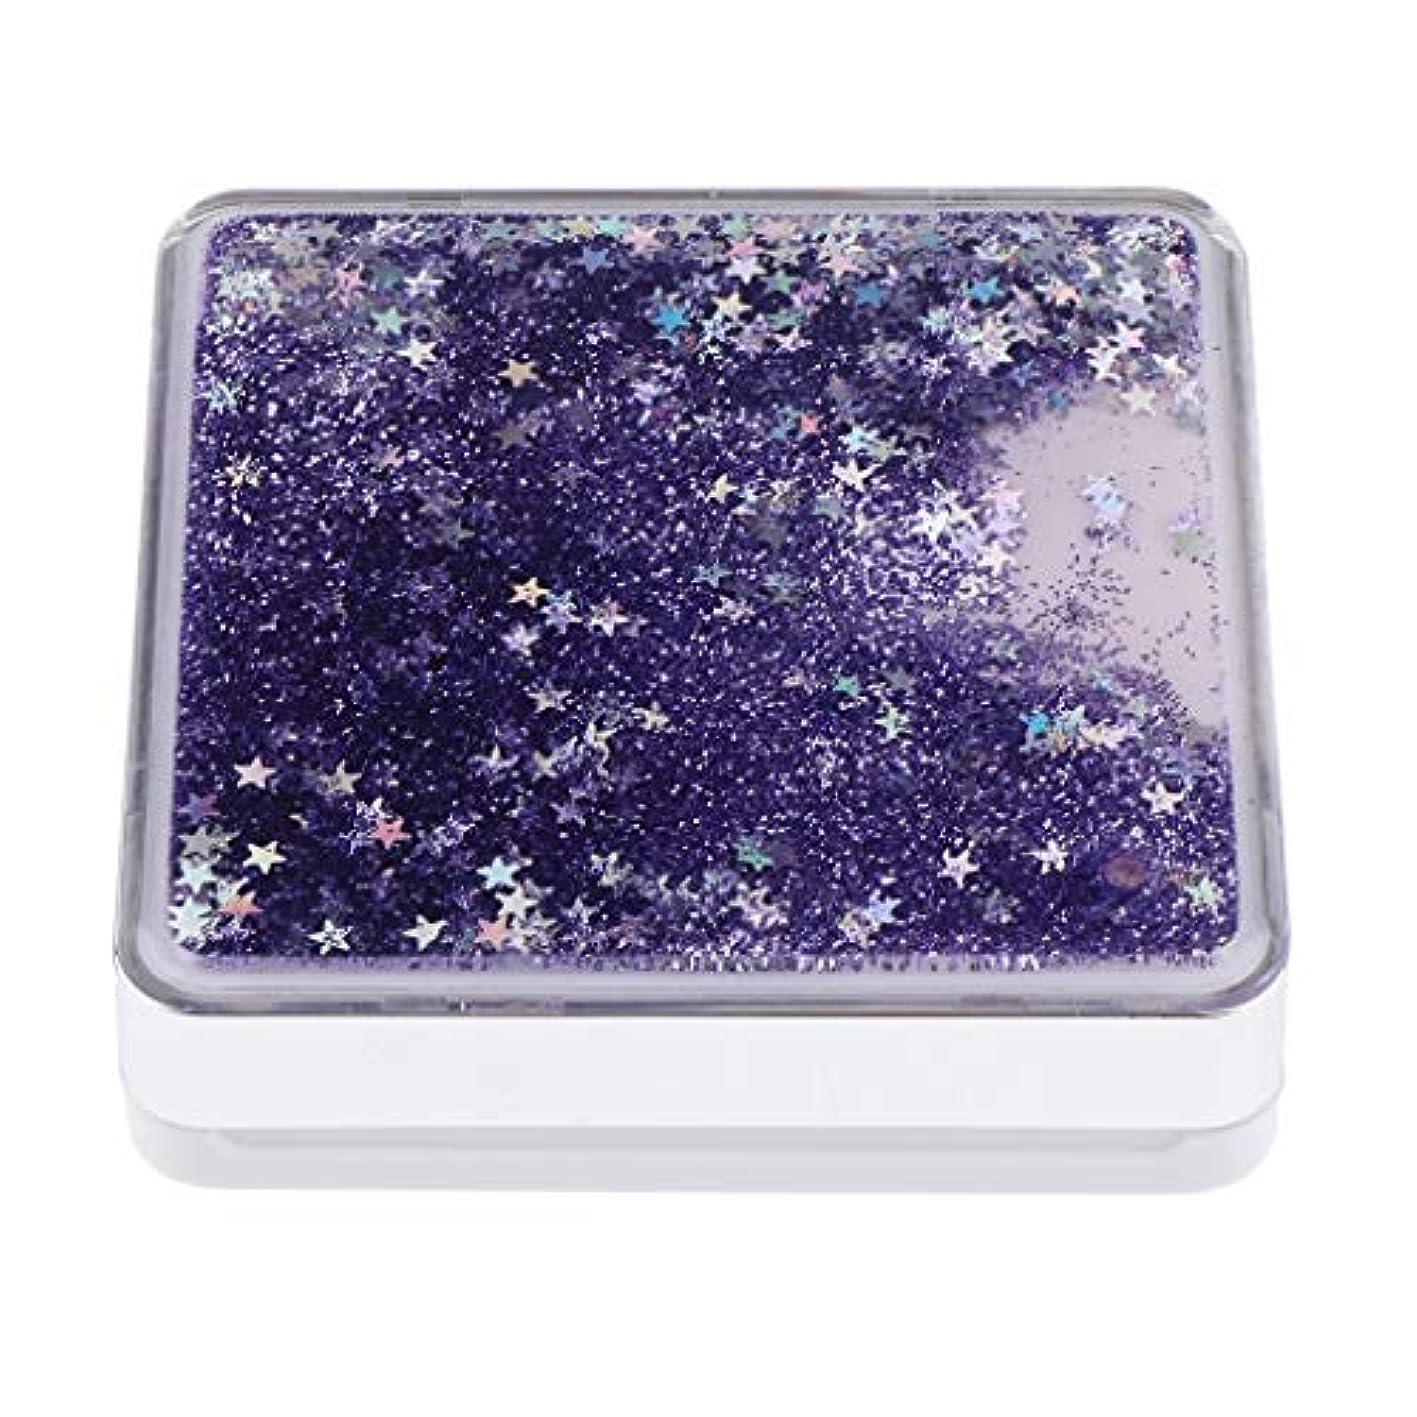 冷ややかな指定安心B Baosity エアクッションケース パフ 化粧鏡 ミラー付き コンパクト 旅行小物 化粧品ケース 3色選べ - 紫